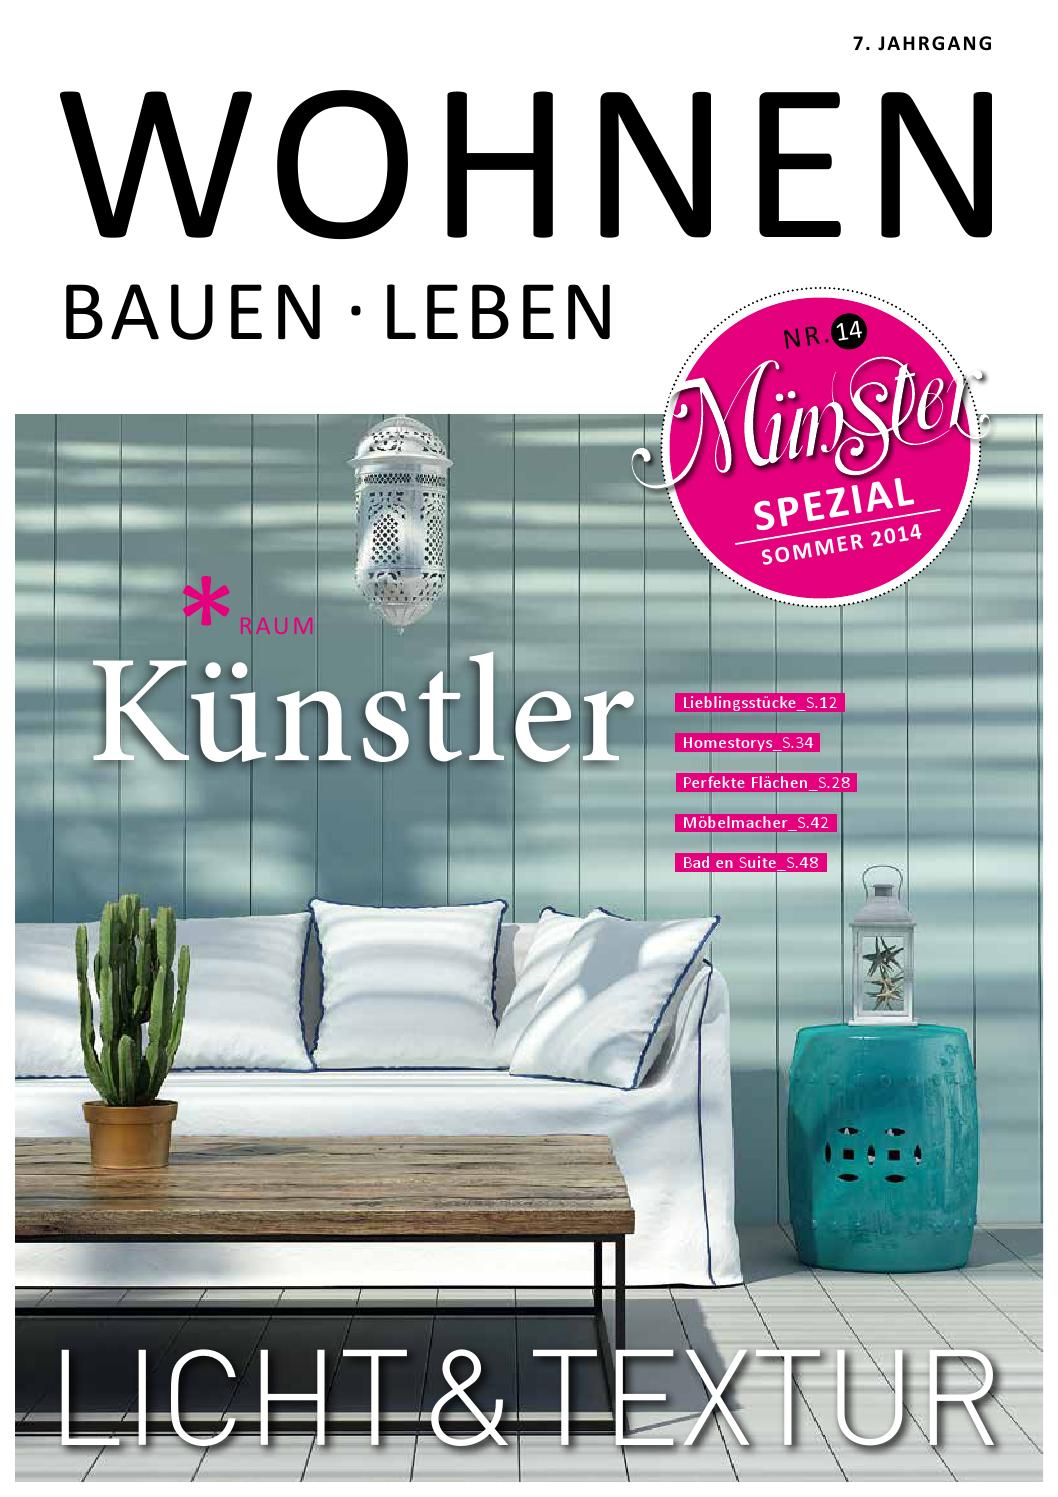 Ms wohnen 14 by Tips Verlag GmbH - issuu